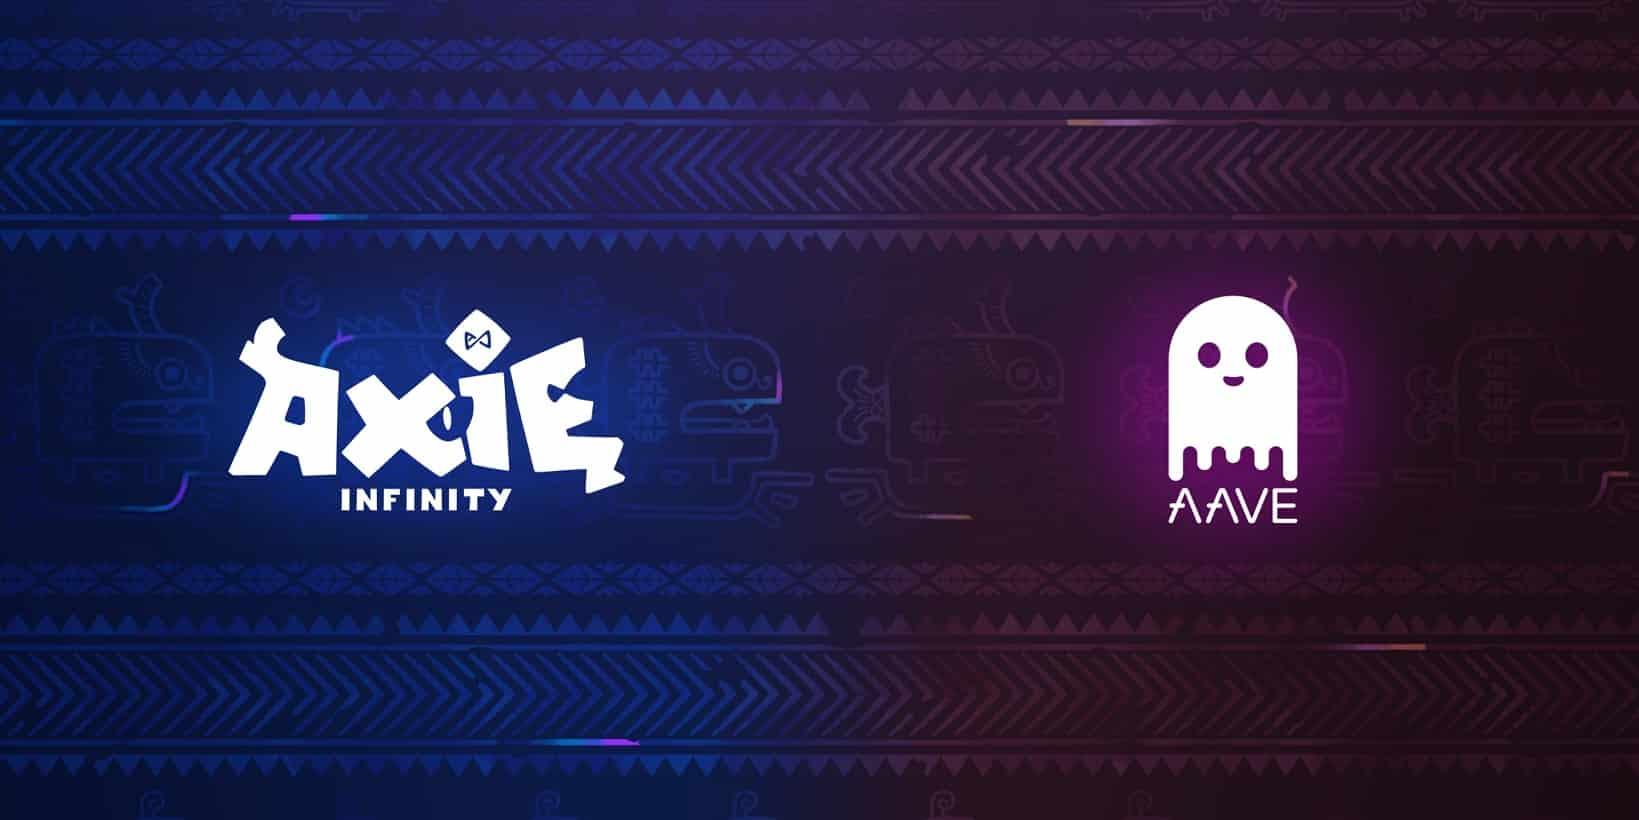 برخورد صنعت دیفای و توکنهای غیرقابل تعویض در فصل جدید بازی Axie Infinity